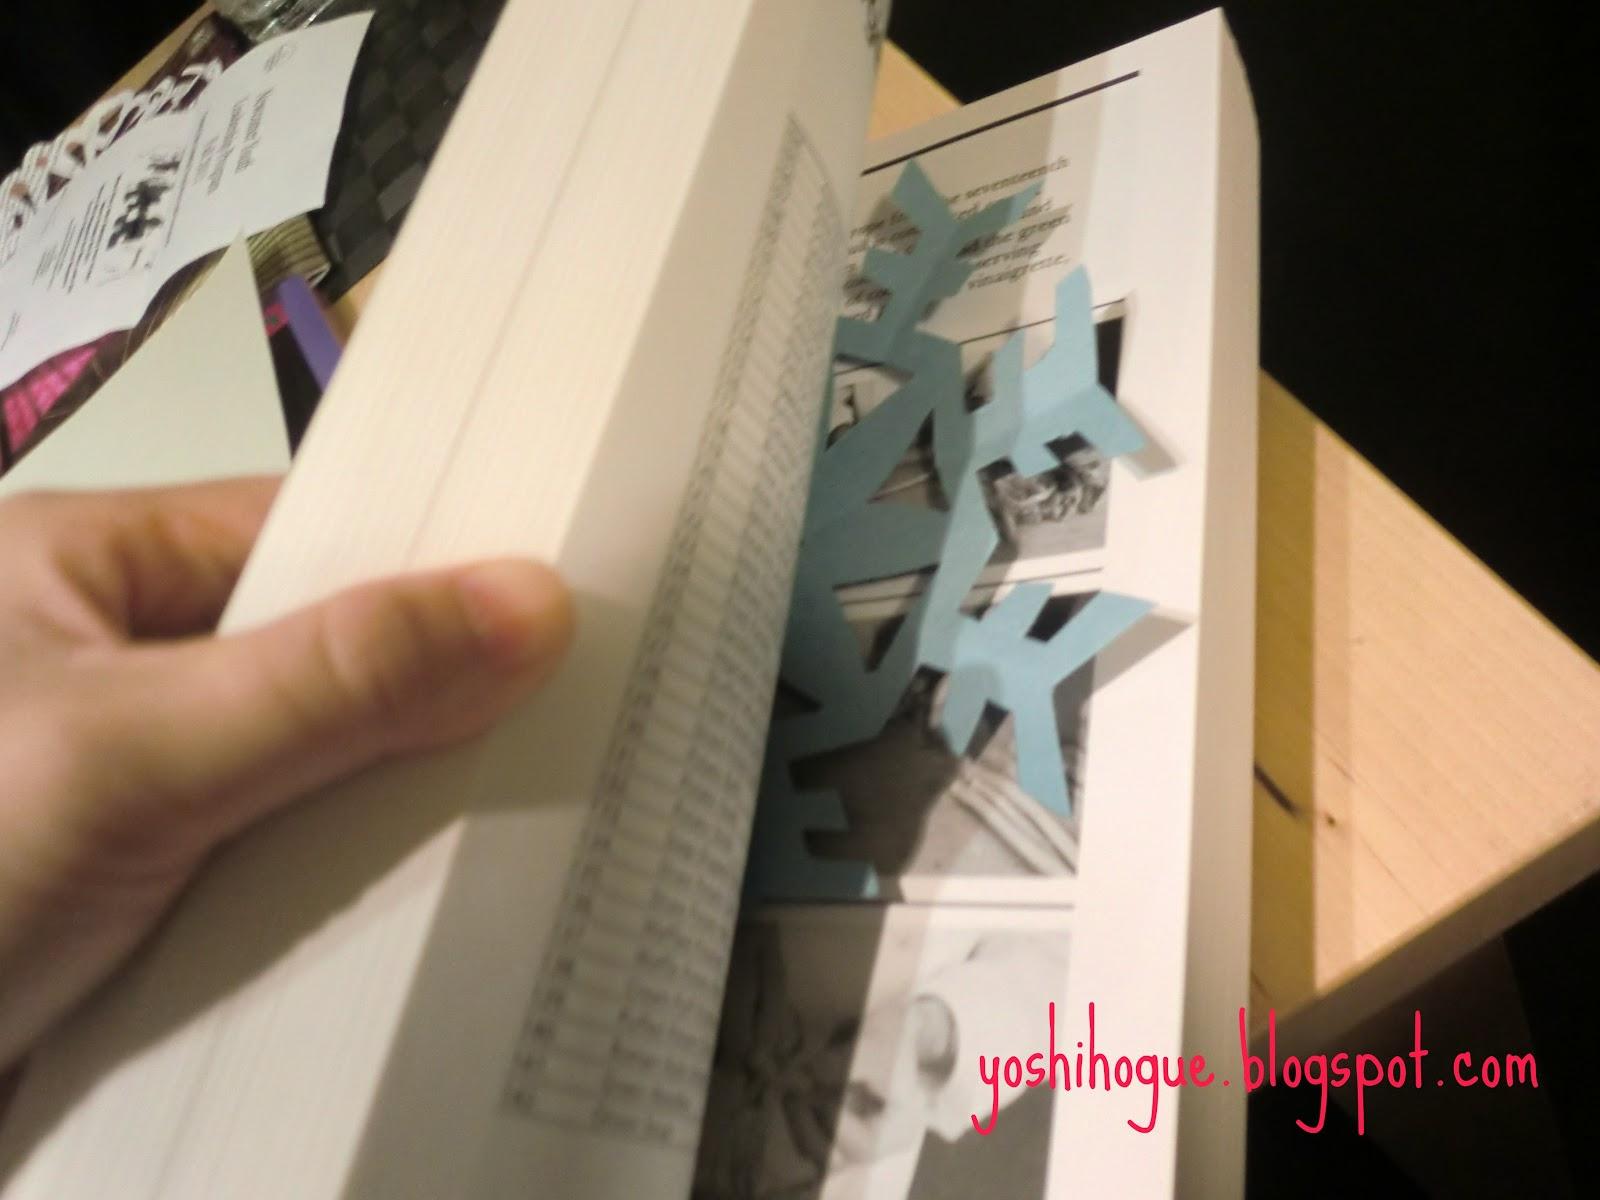 すべての折り紙 折り紙結晶作り方 : 折り紙の折りシワを伸ばすため ...